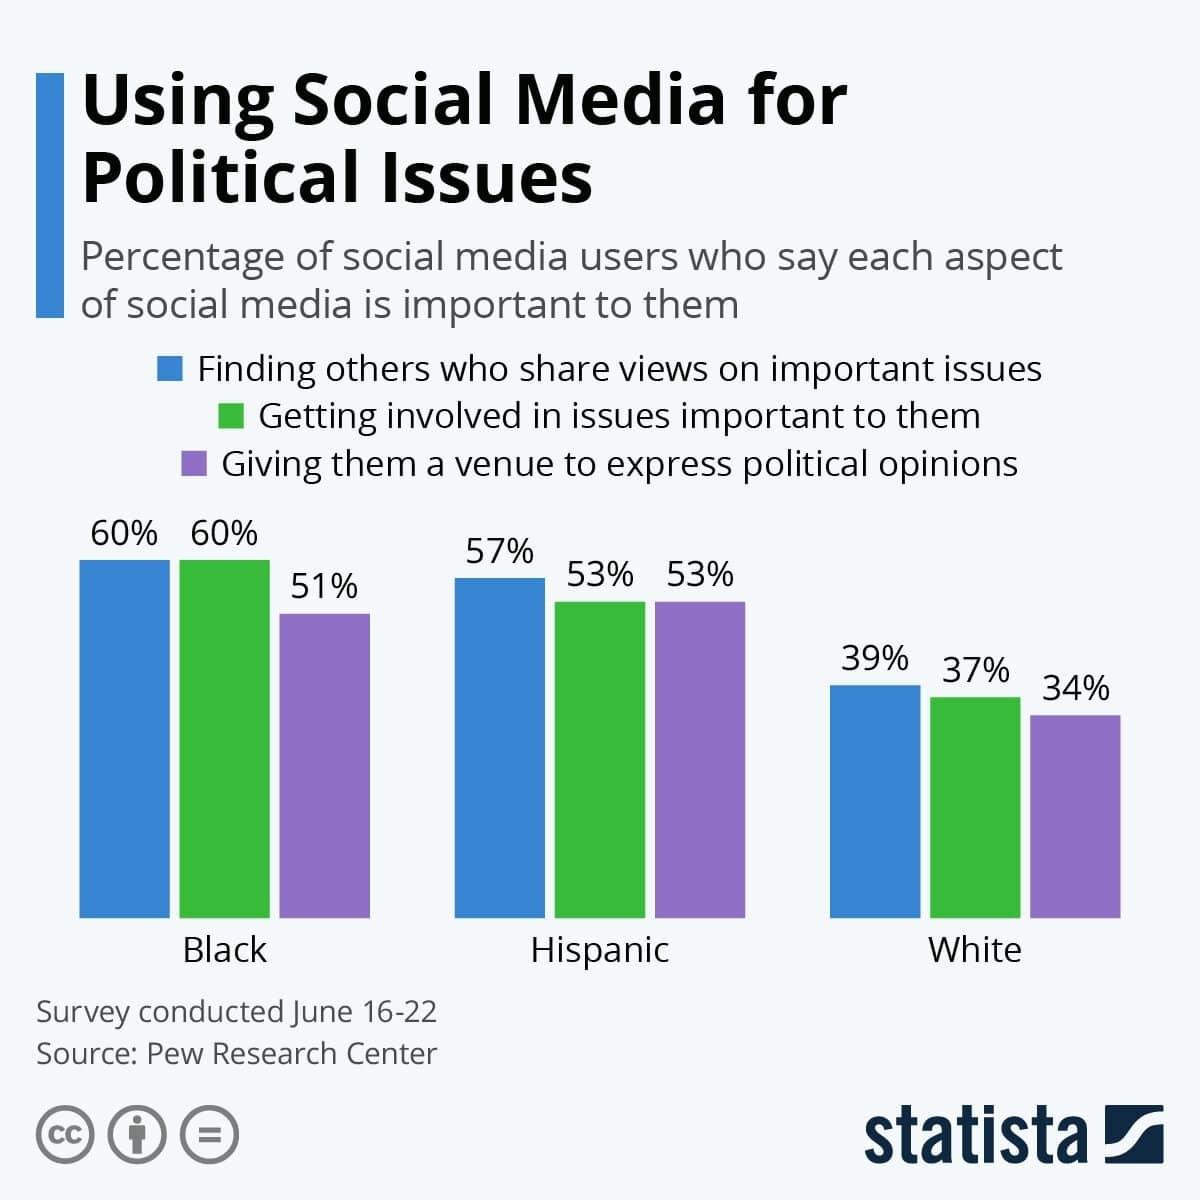 미국에서 정치 문제를 위해 소셜 미디어를 사용하는 방법